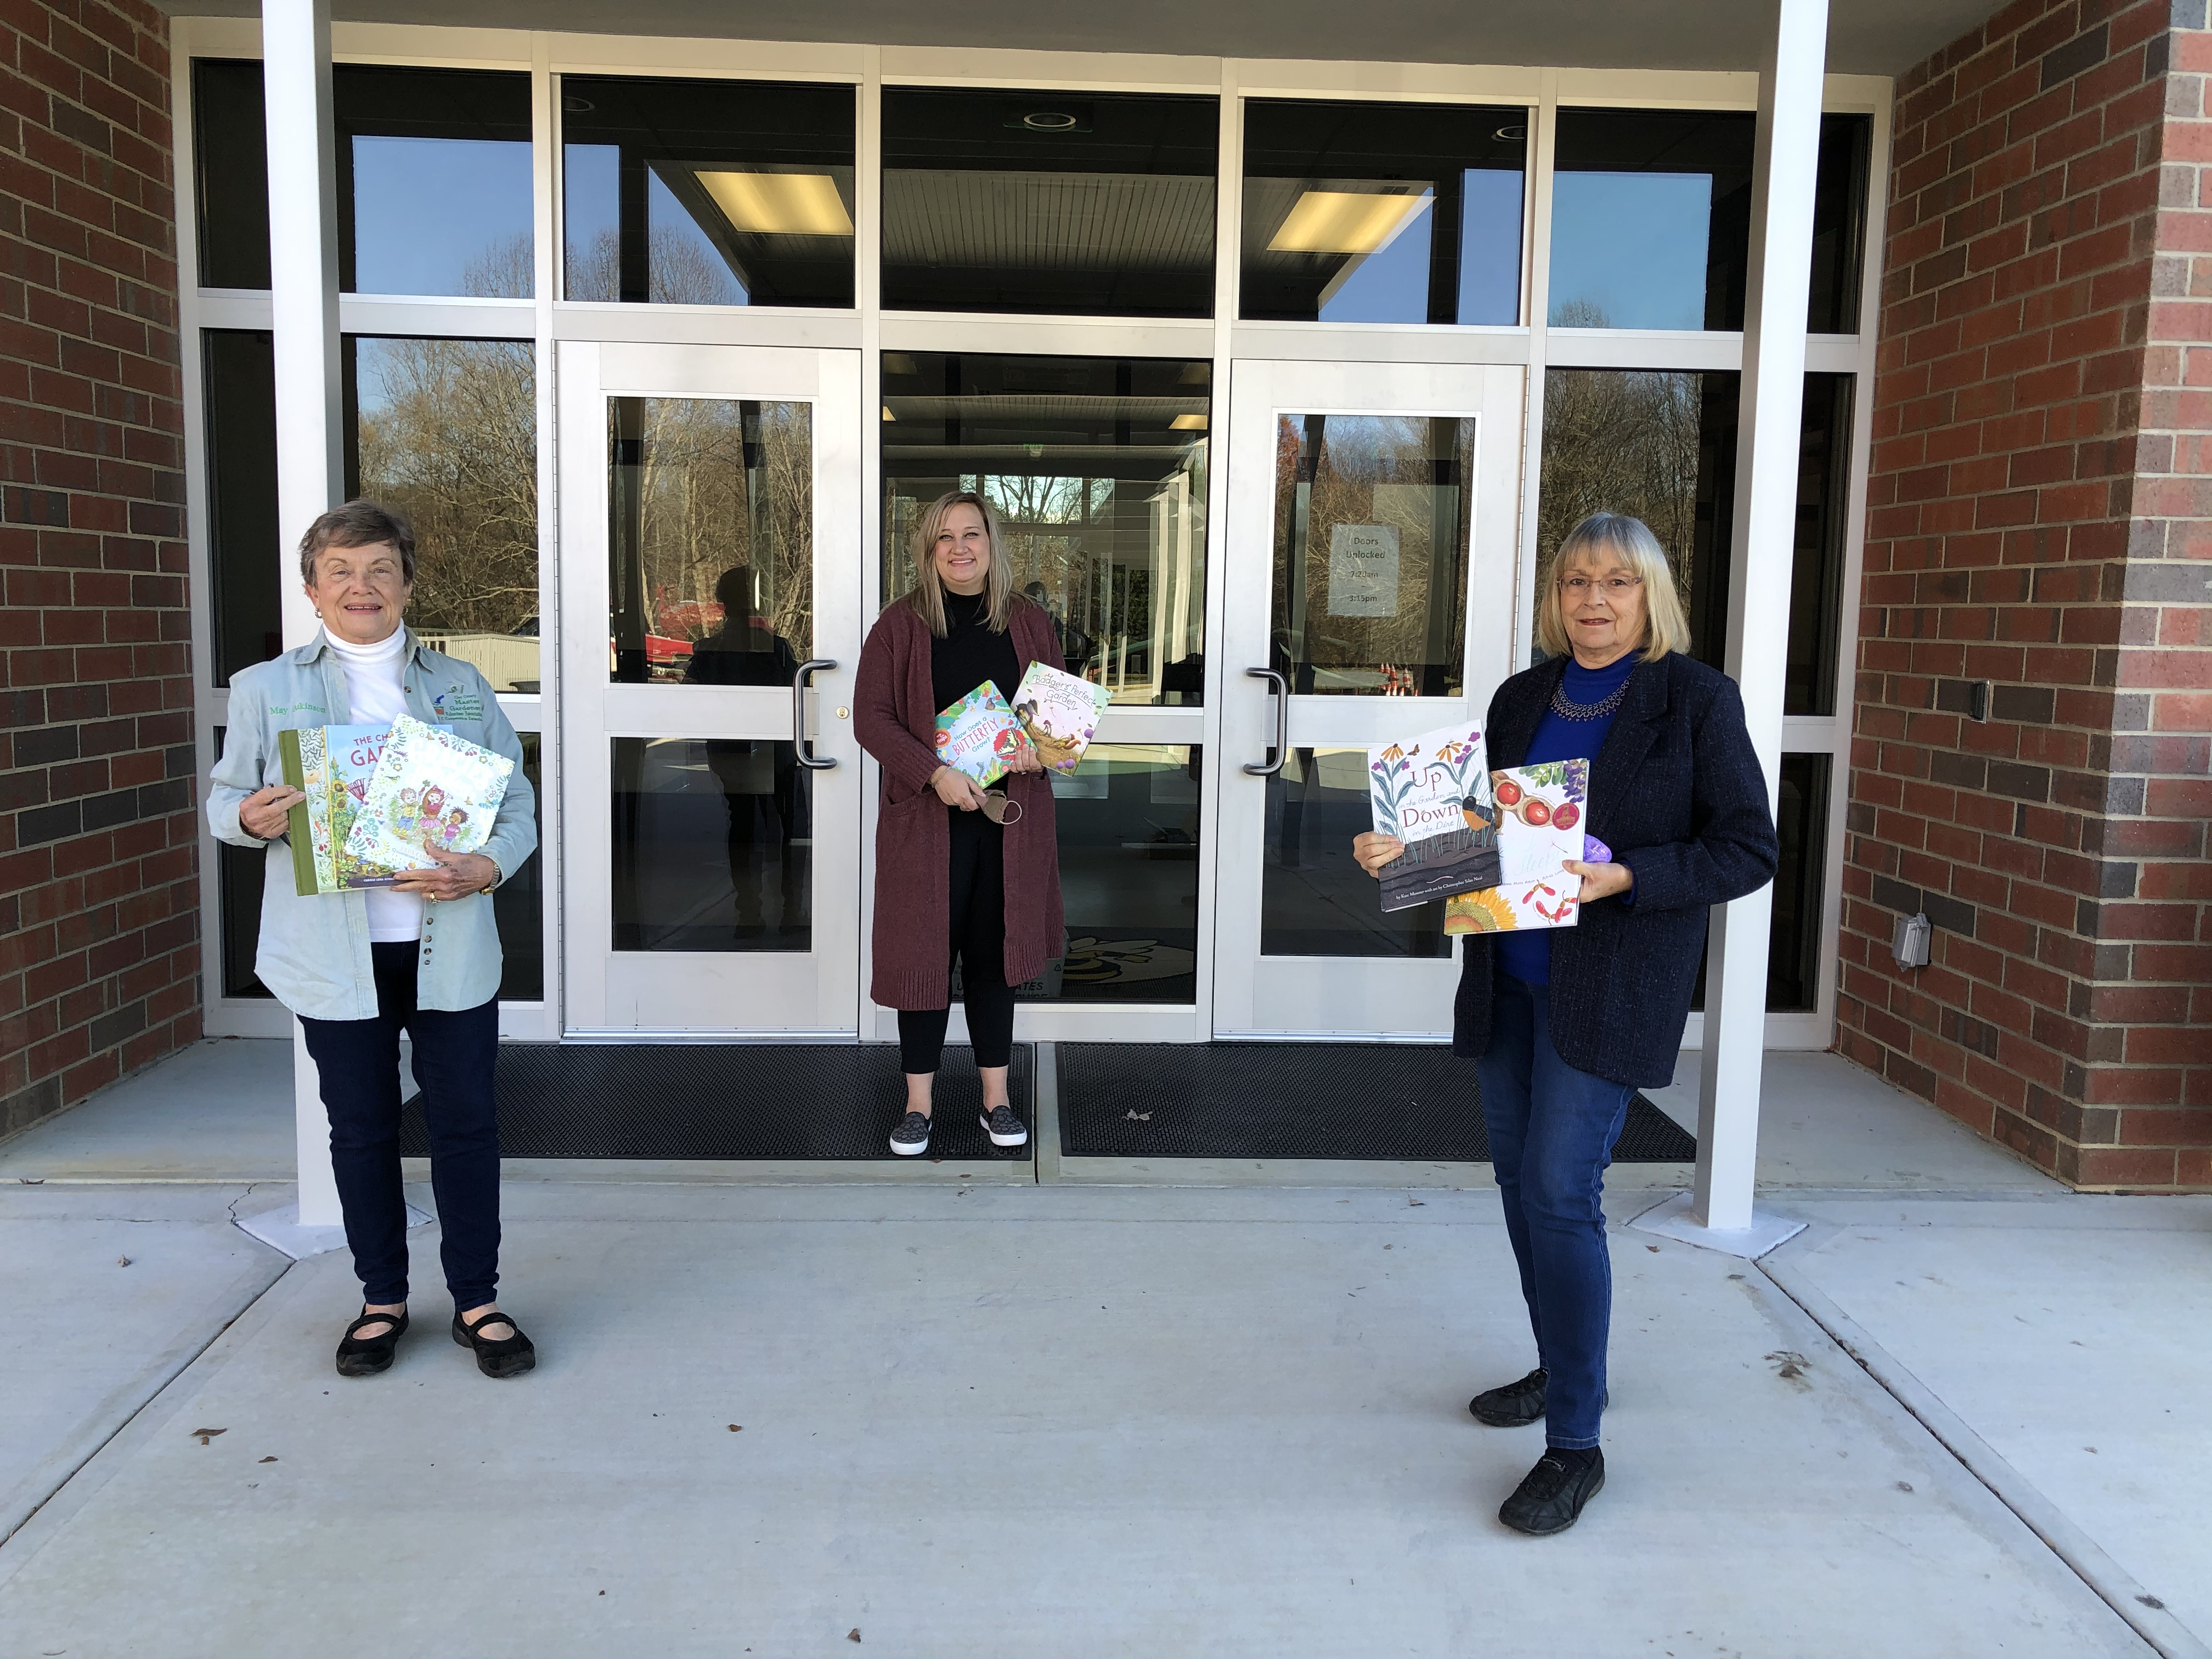 Master Gardeners Donate Books